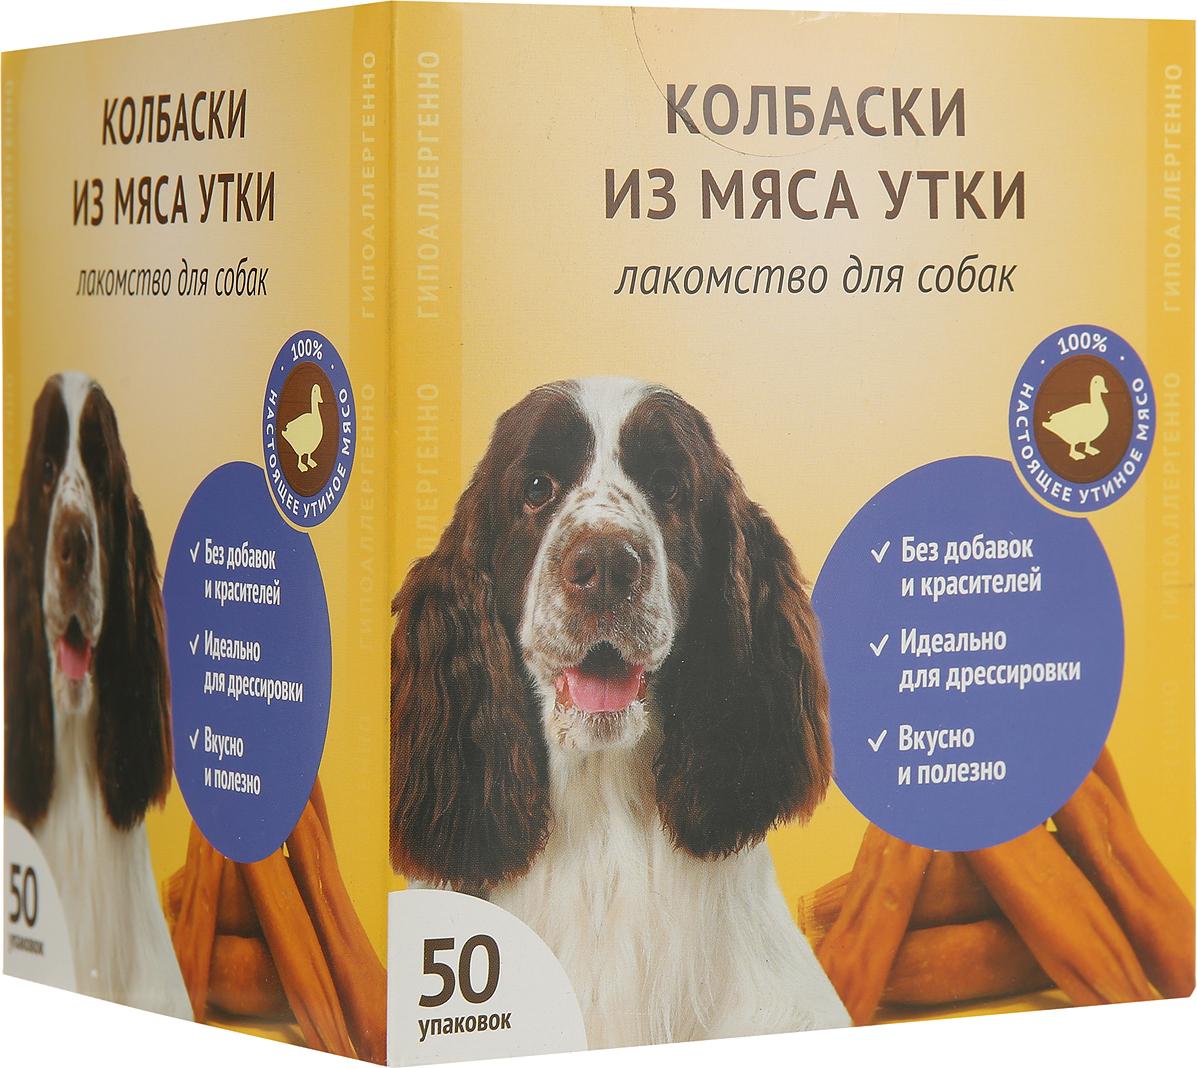 Лакомство для собак 'Деревенские лакомства', мини-колбаски из мяса утки, 50 шт, 8 г Kormberi.ru магазин товаров для ваших животных